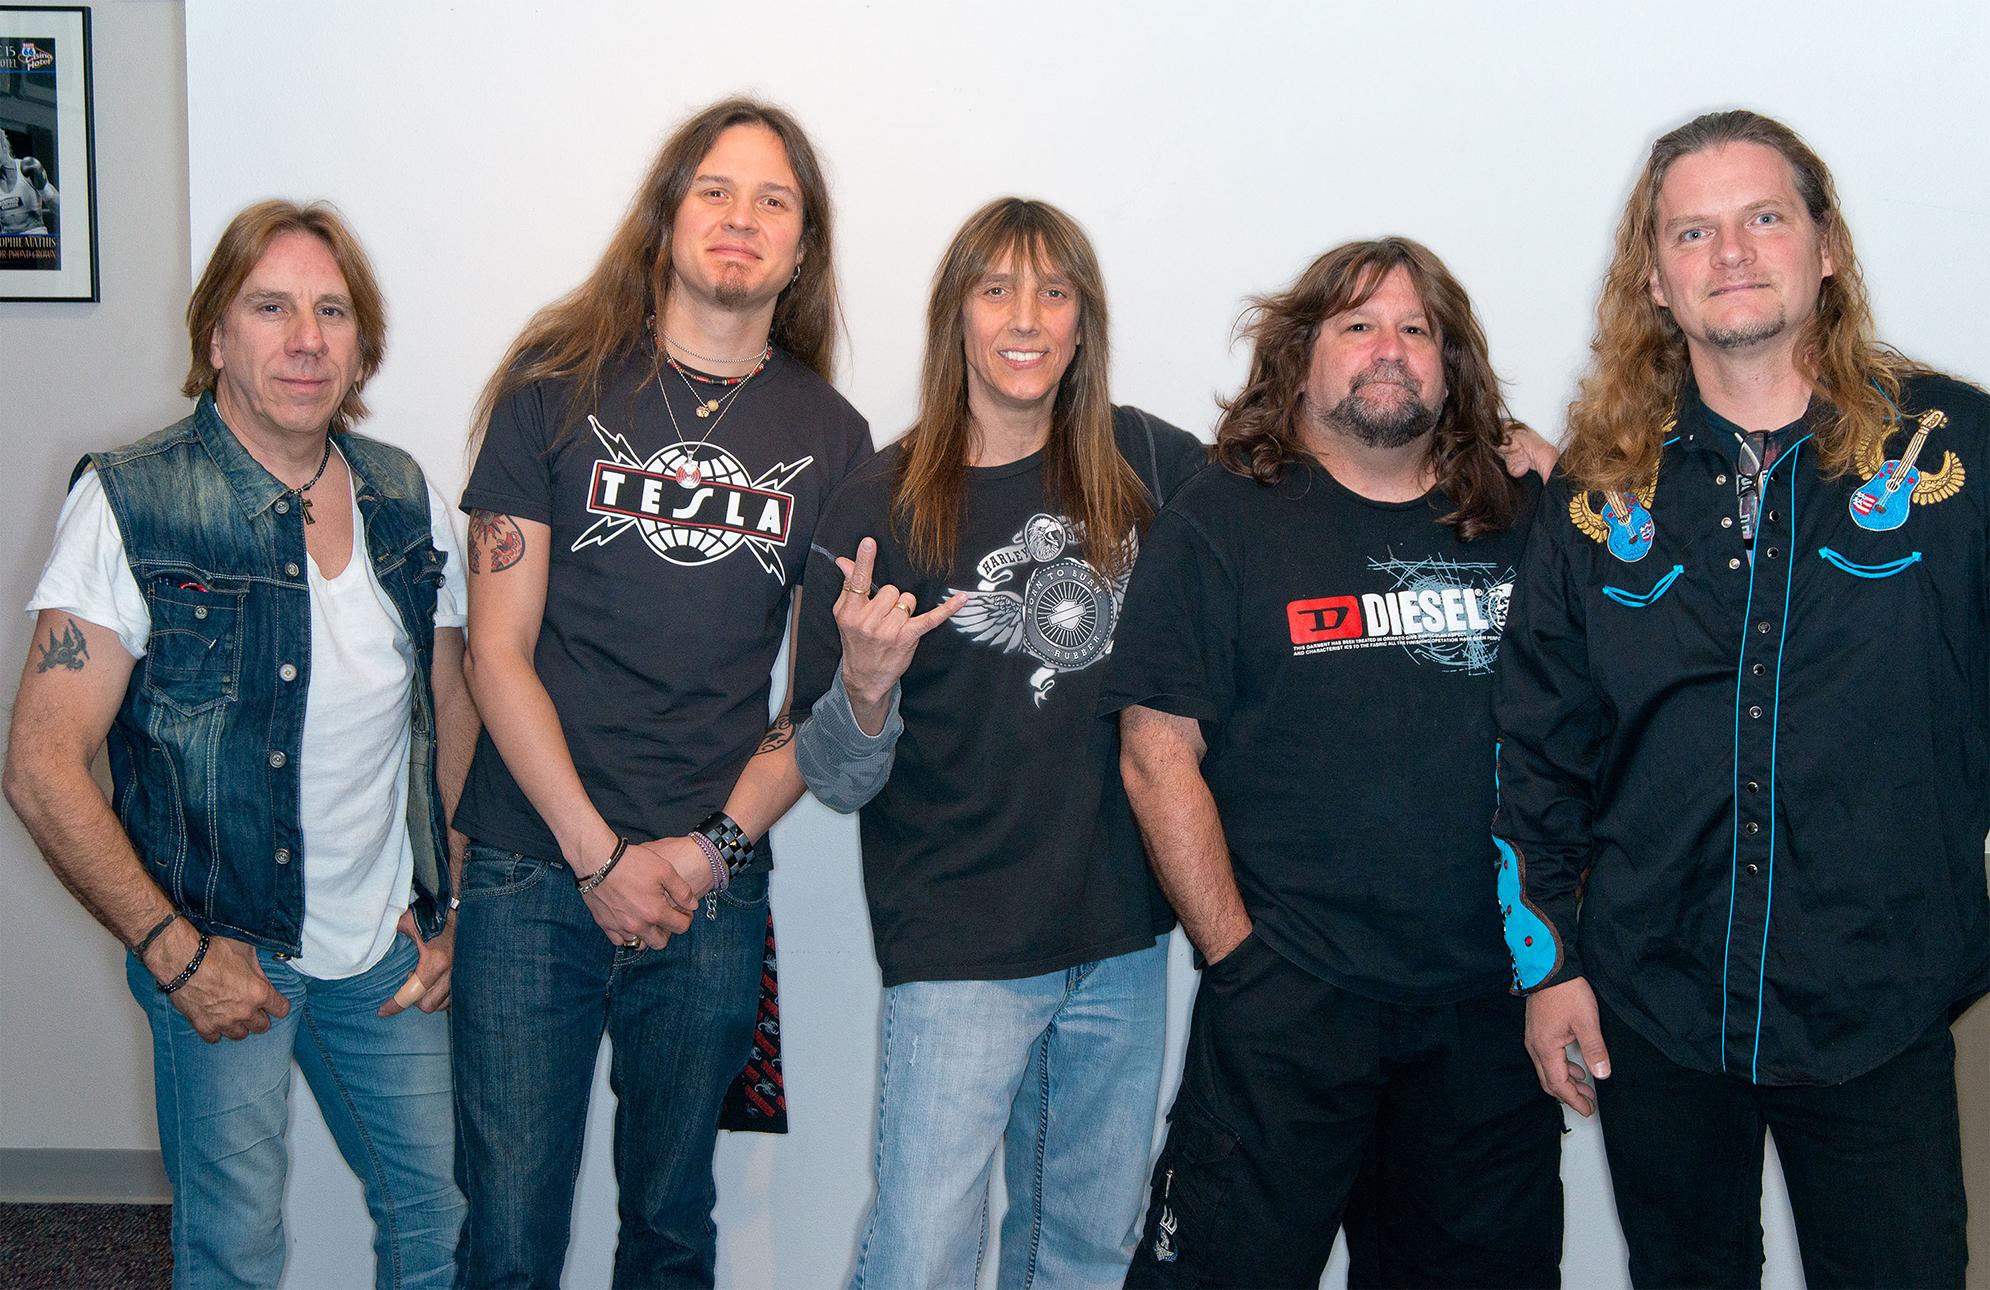 American hard rock band, Tesla.